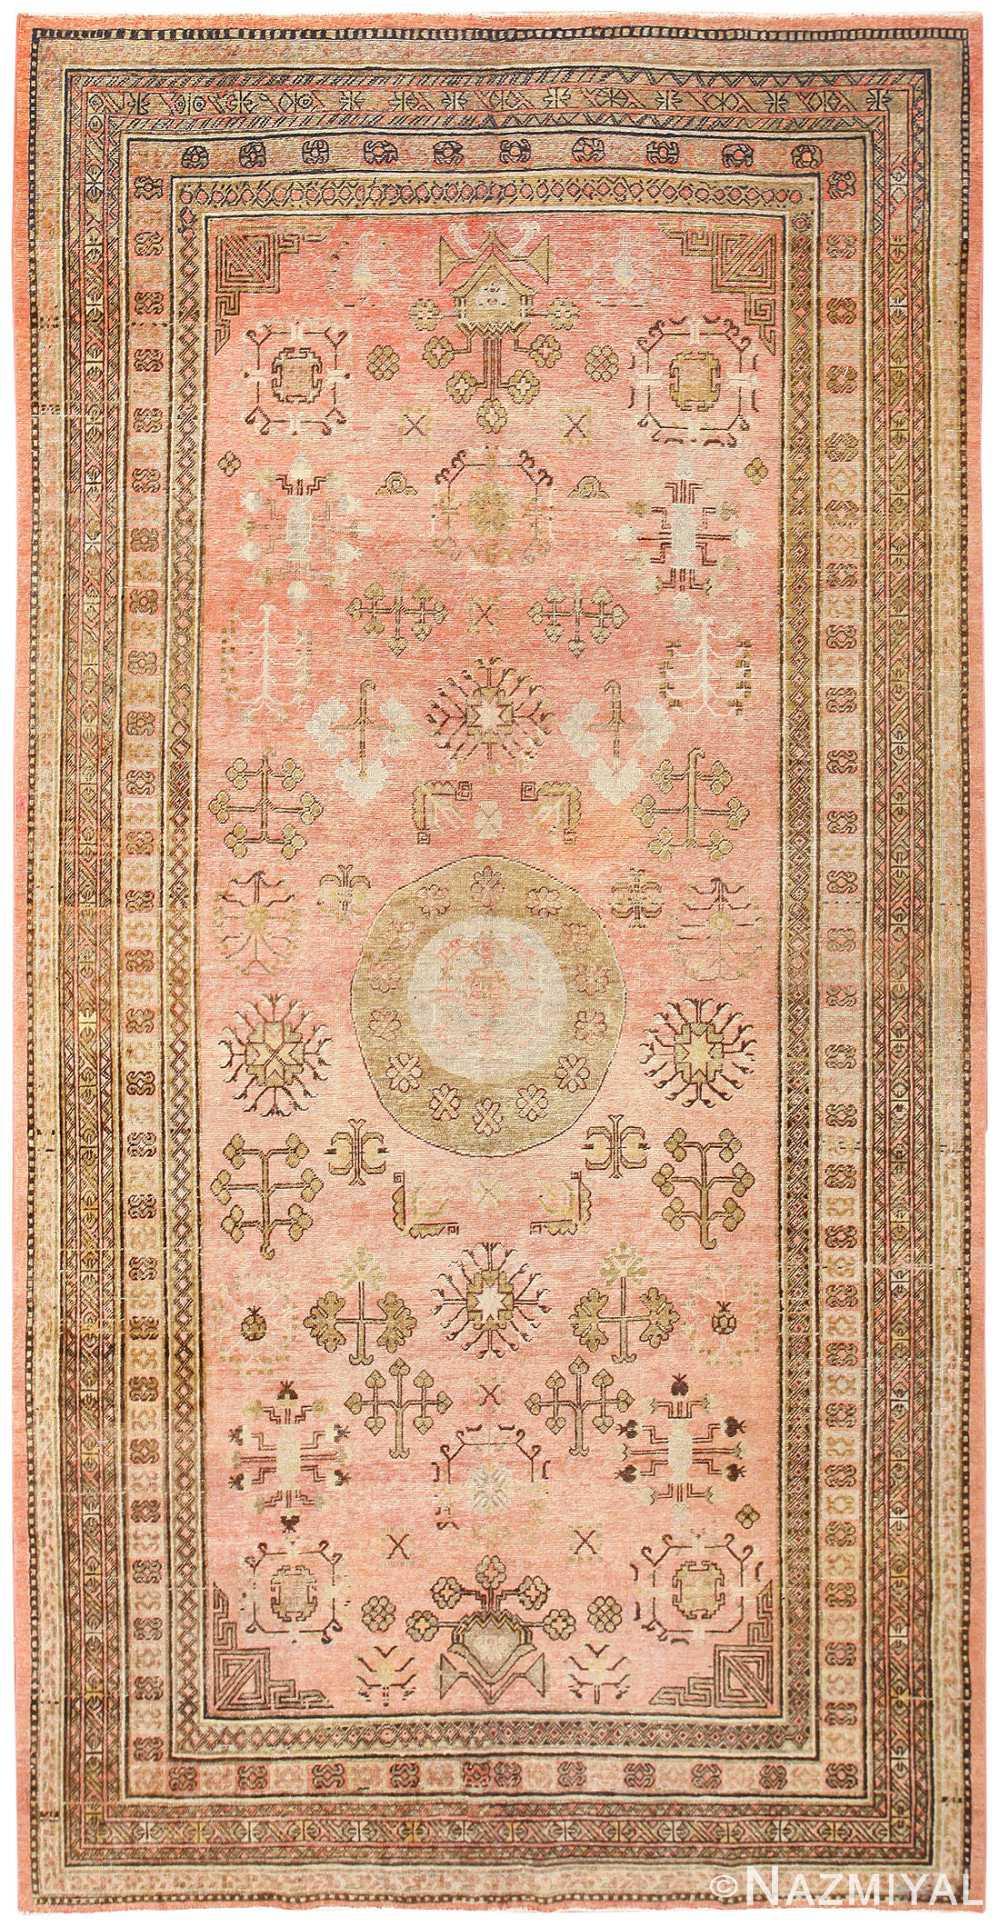 Antique Khotan Rug 50328 Detail/Large View